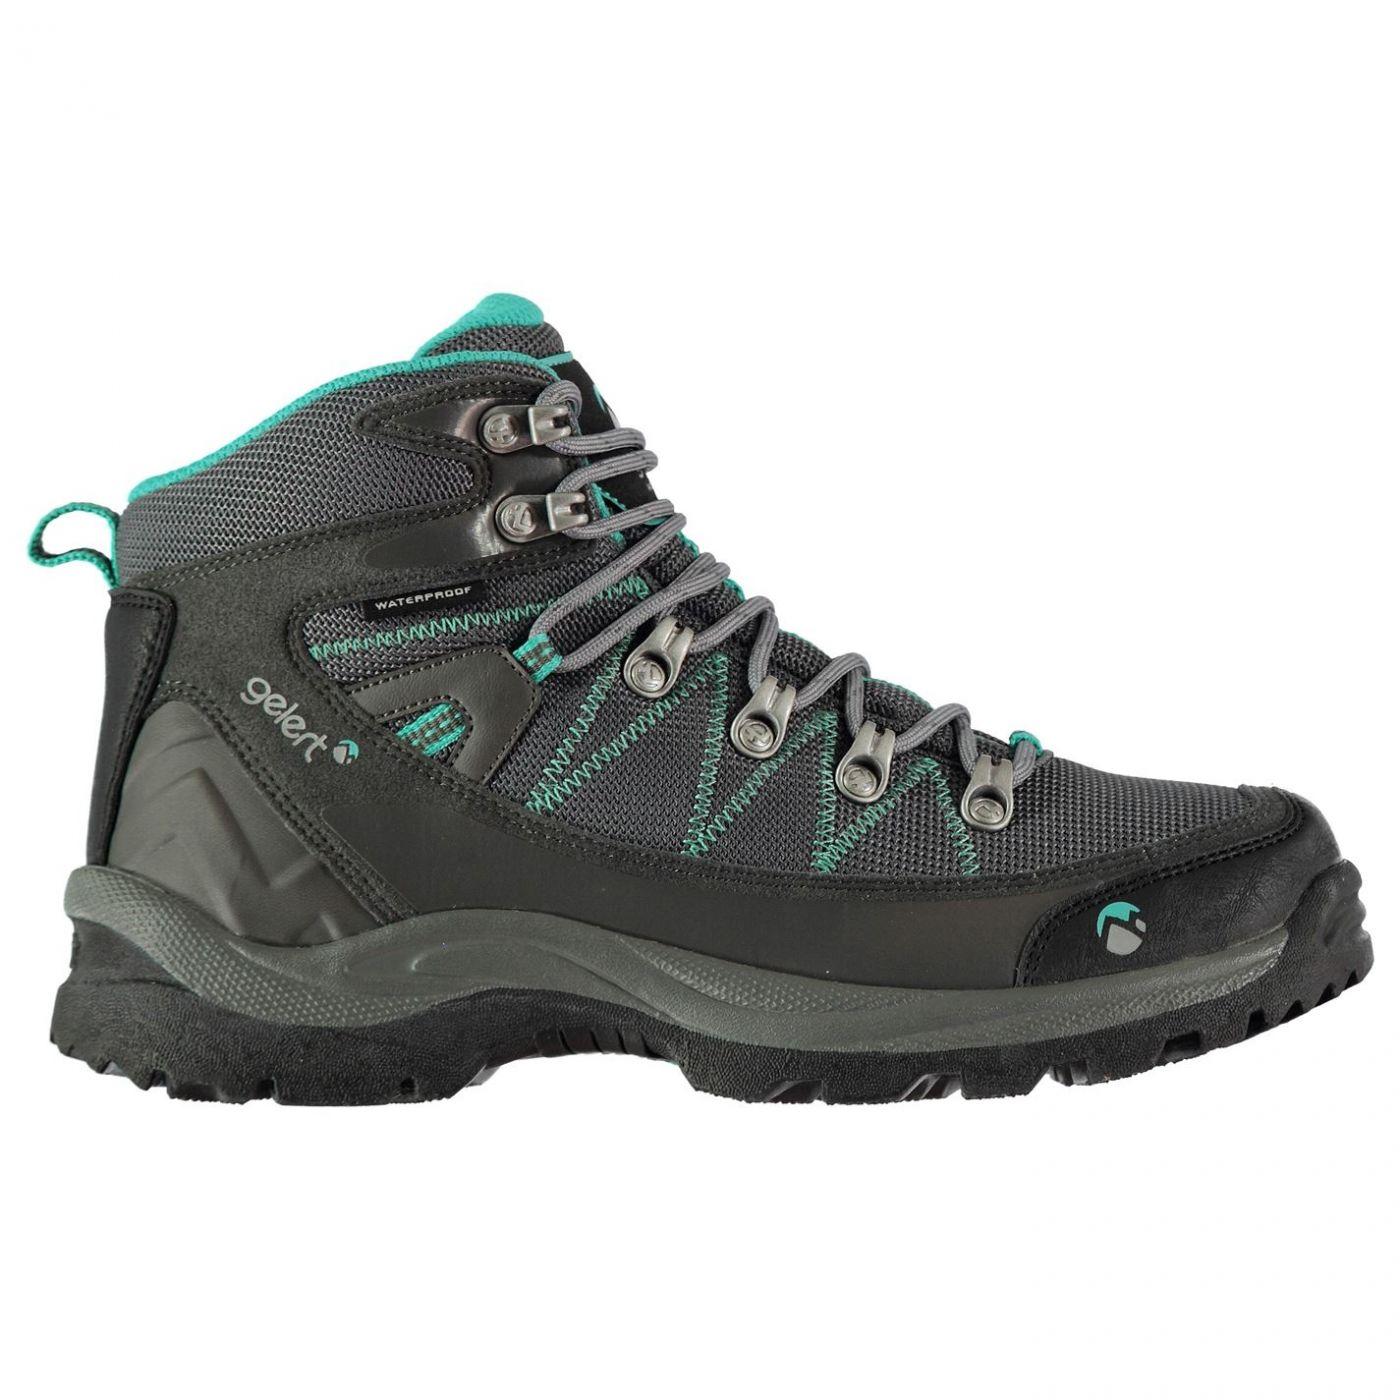 Gelert Altitude Ladies Walking Boots